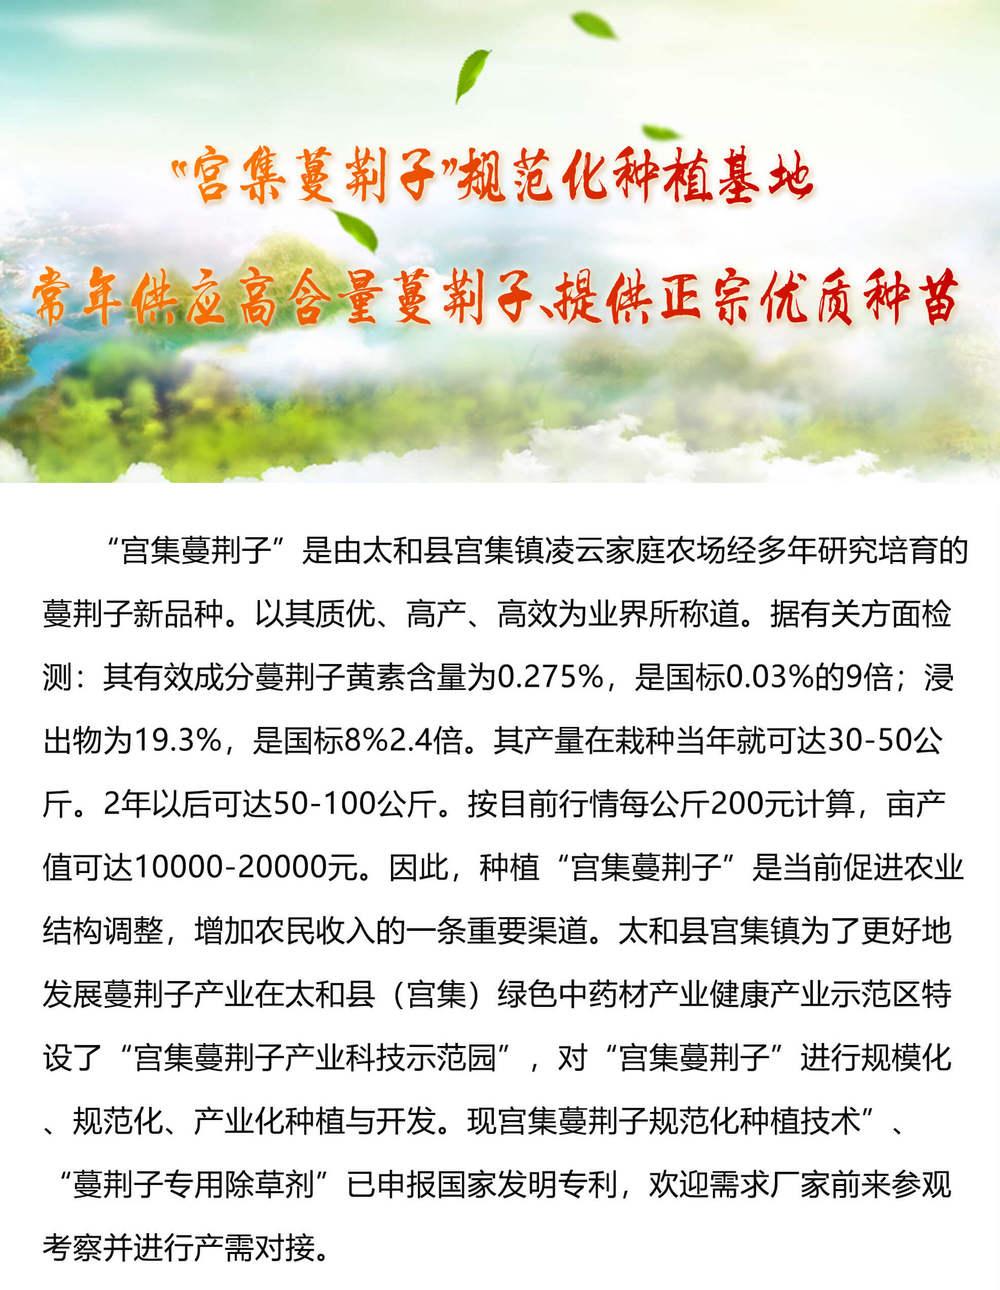 宫集蔓荆子规范化种植基地-常年供应高含量蔓荆子、提供正宗优质种苗